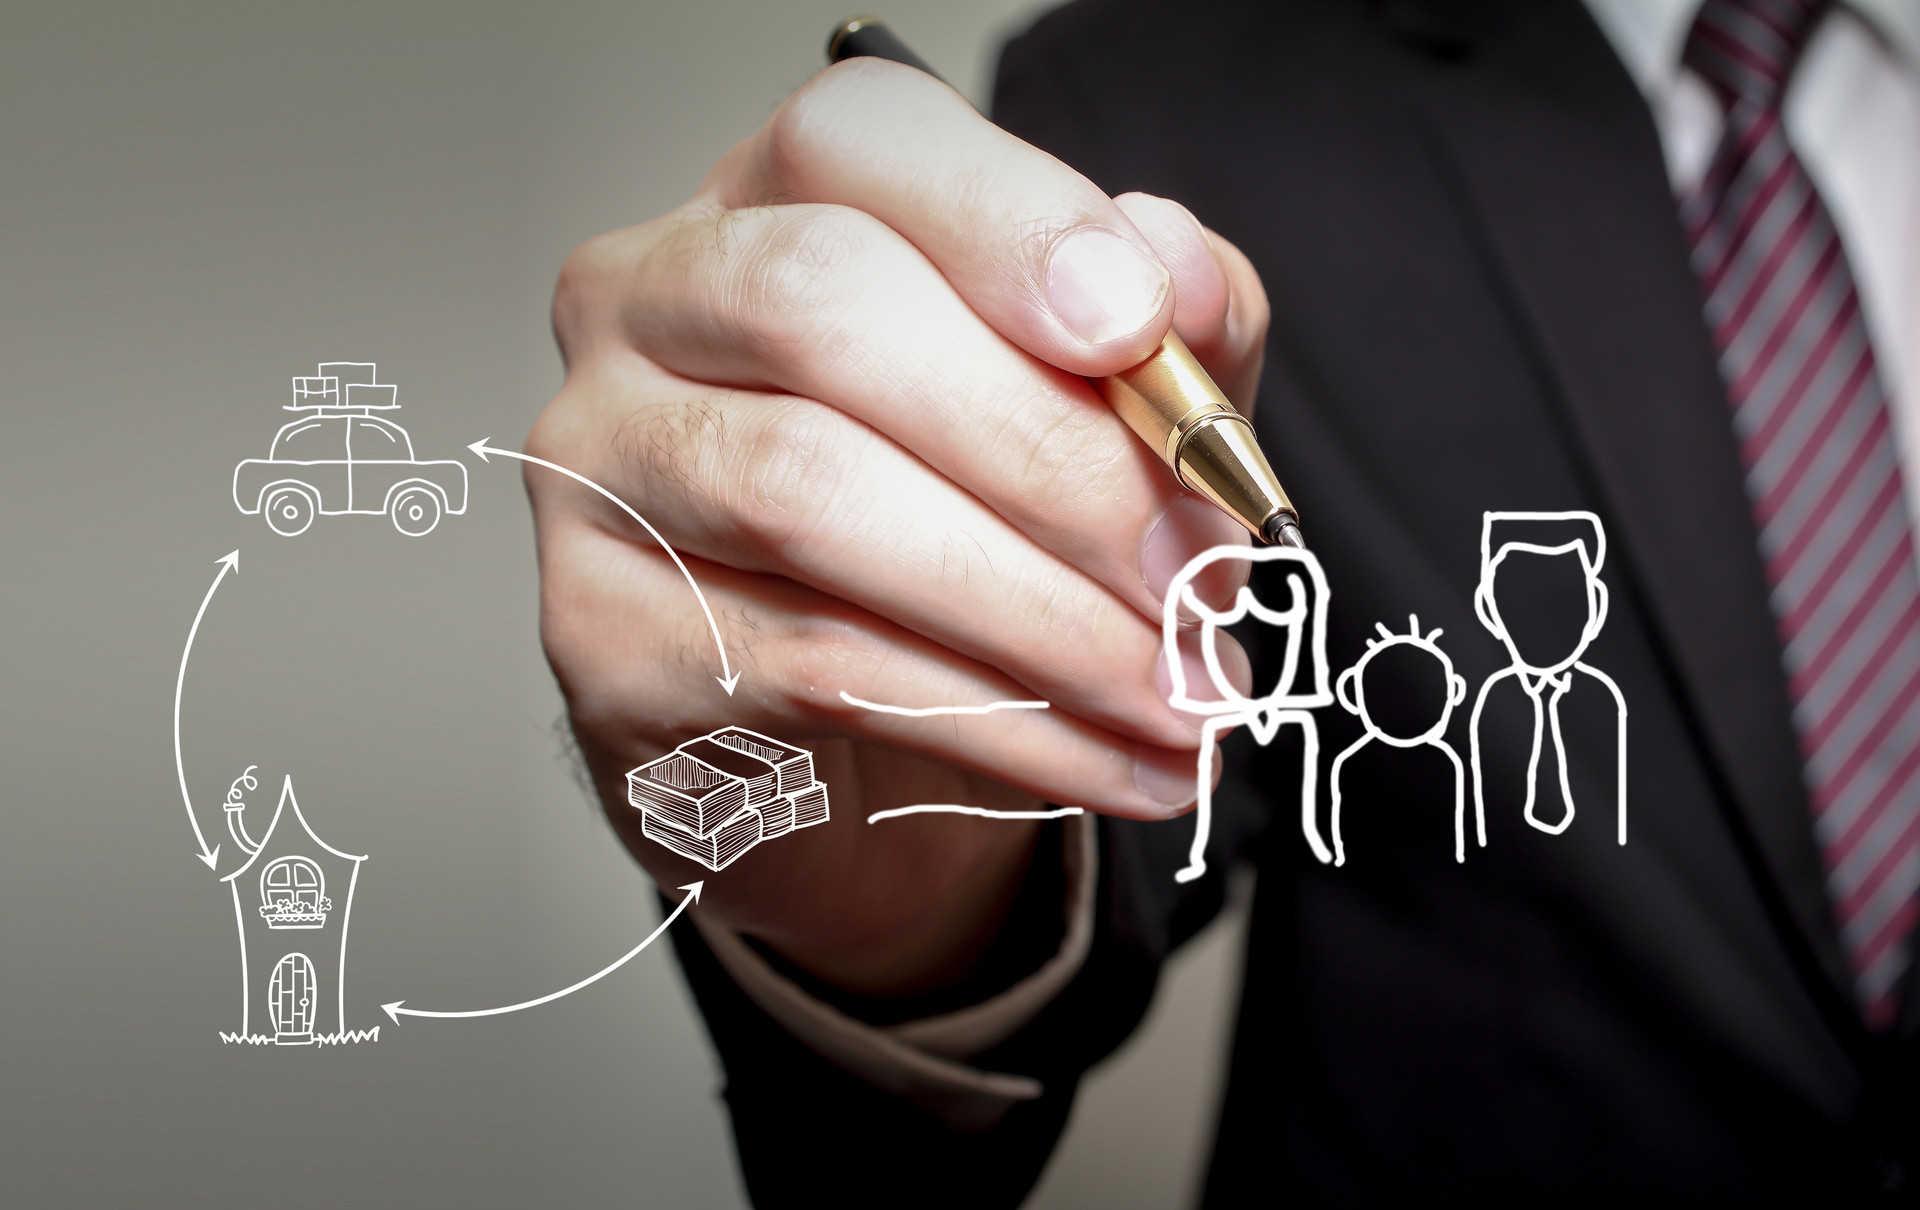 选择广州社保代缴公司要关注哪些方面的资质?